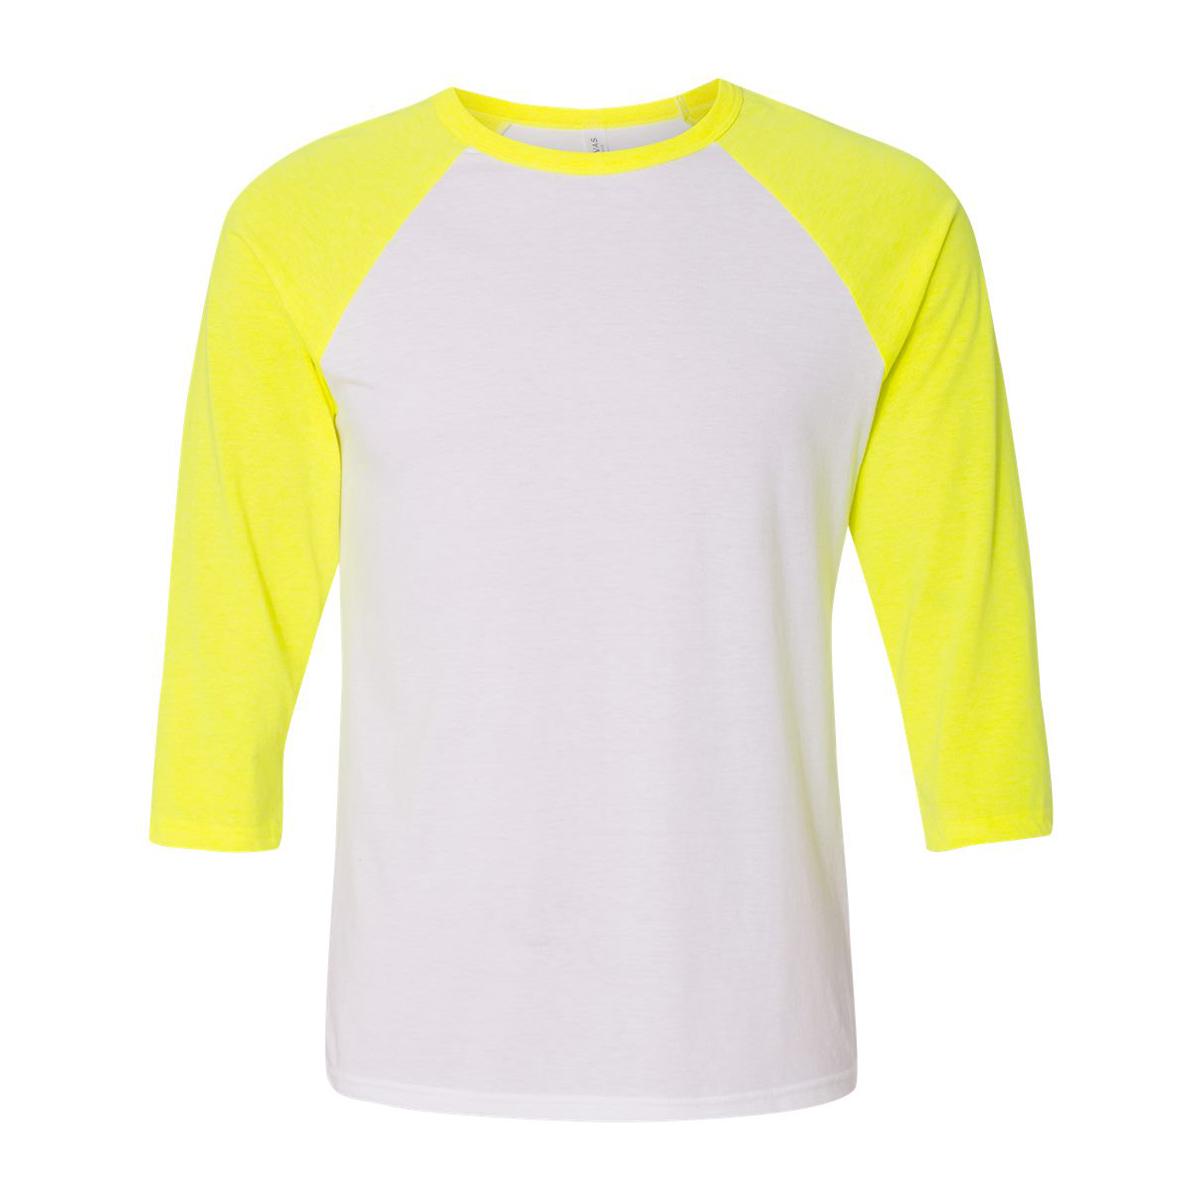 White neon yellow